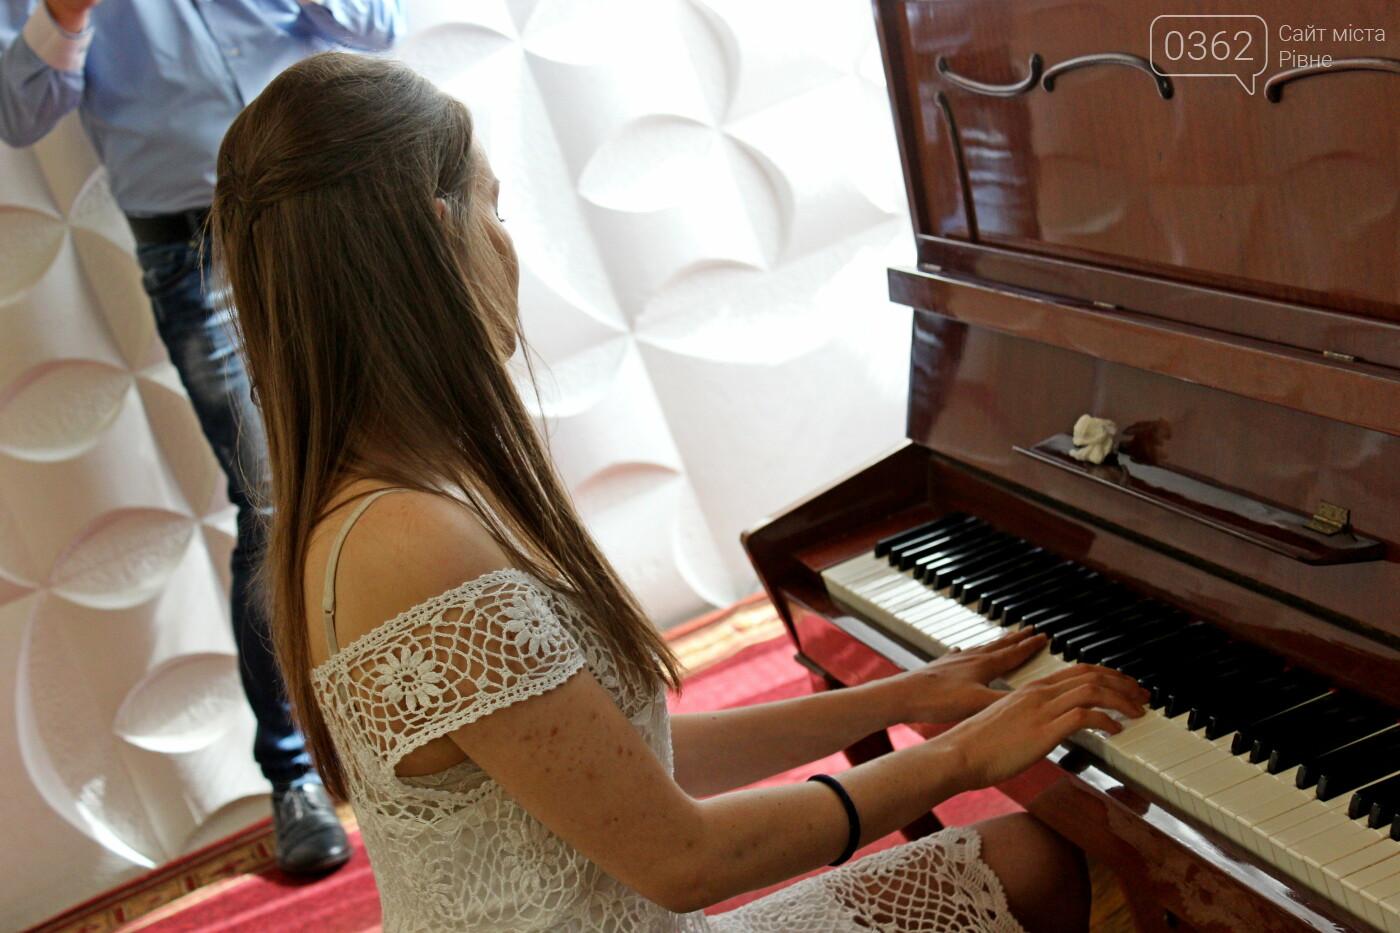 Власник рівненського сайту 0362.ua одружився вдруге (ФОТОРЕПОРТАЖ) , фото-18